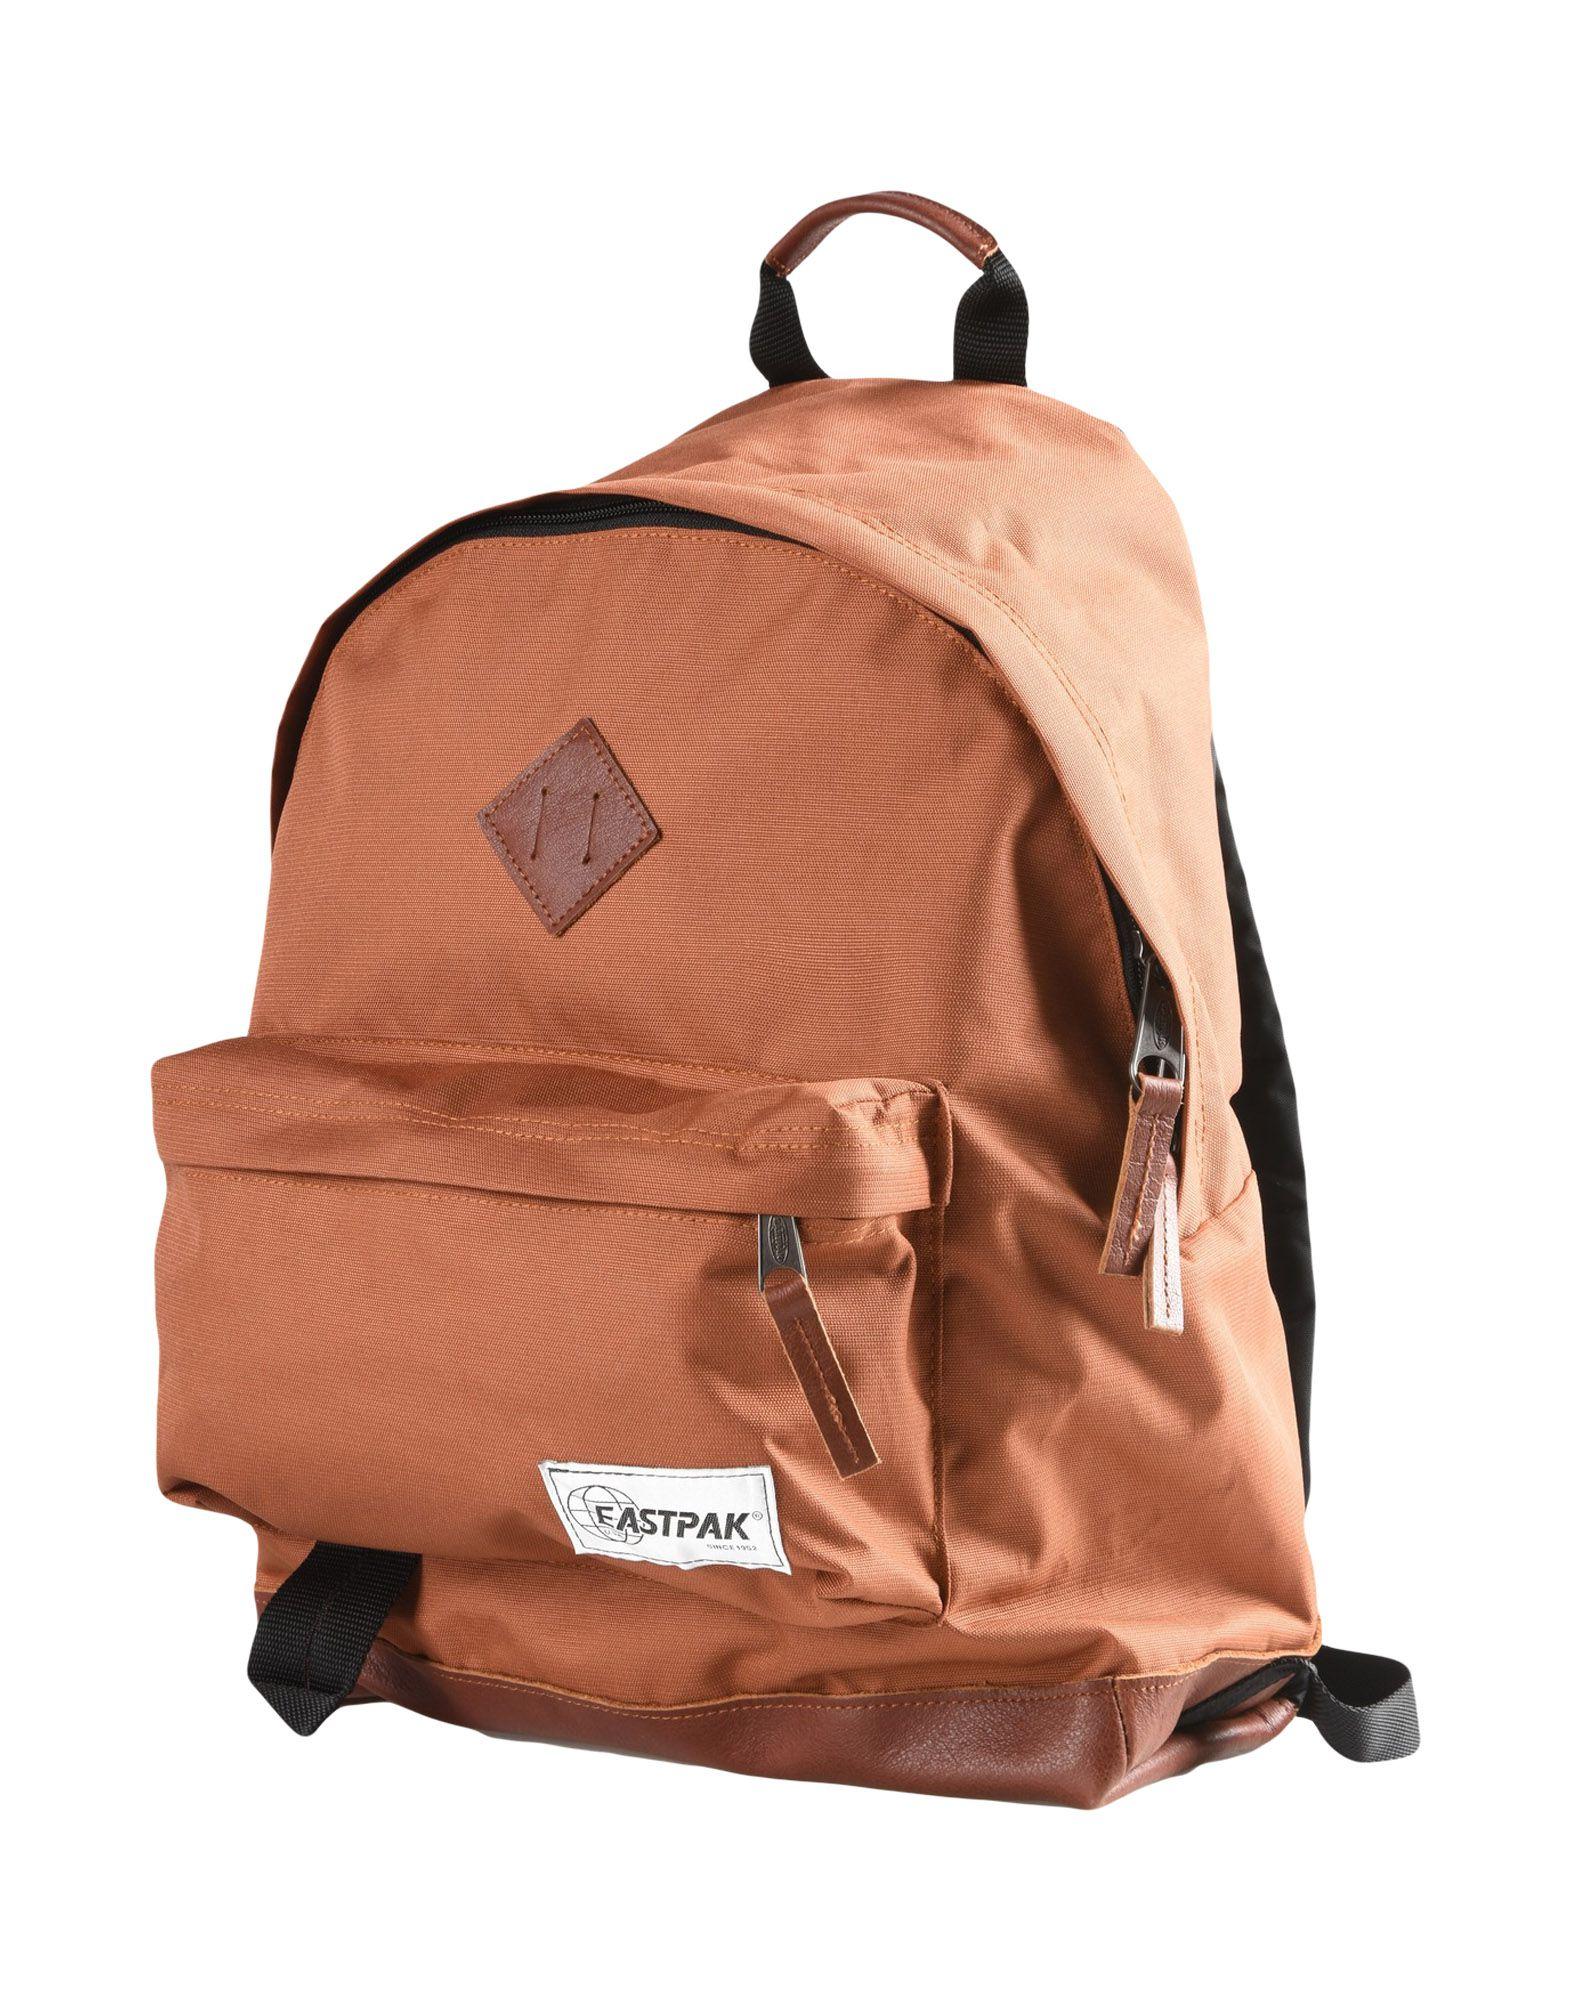 EASTPAK Рюкзаки и сумки на пояс дизайнер высокое качество натуральная кожа женские винтажные овчины твердые школьные сумки mochilas mujer 2017 рюкзаки для девочек